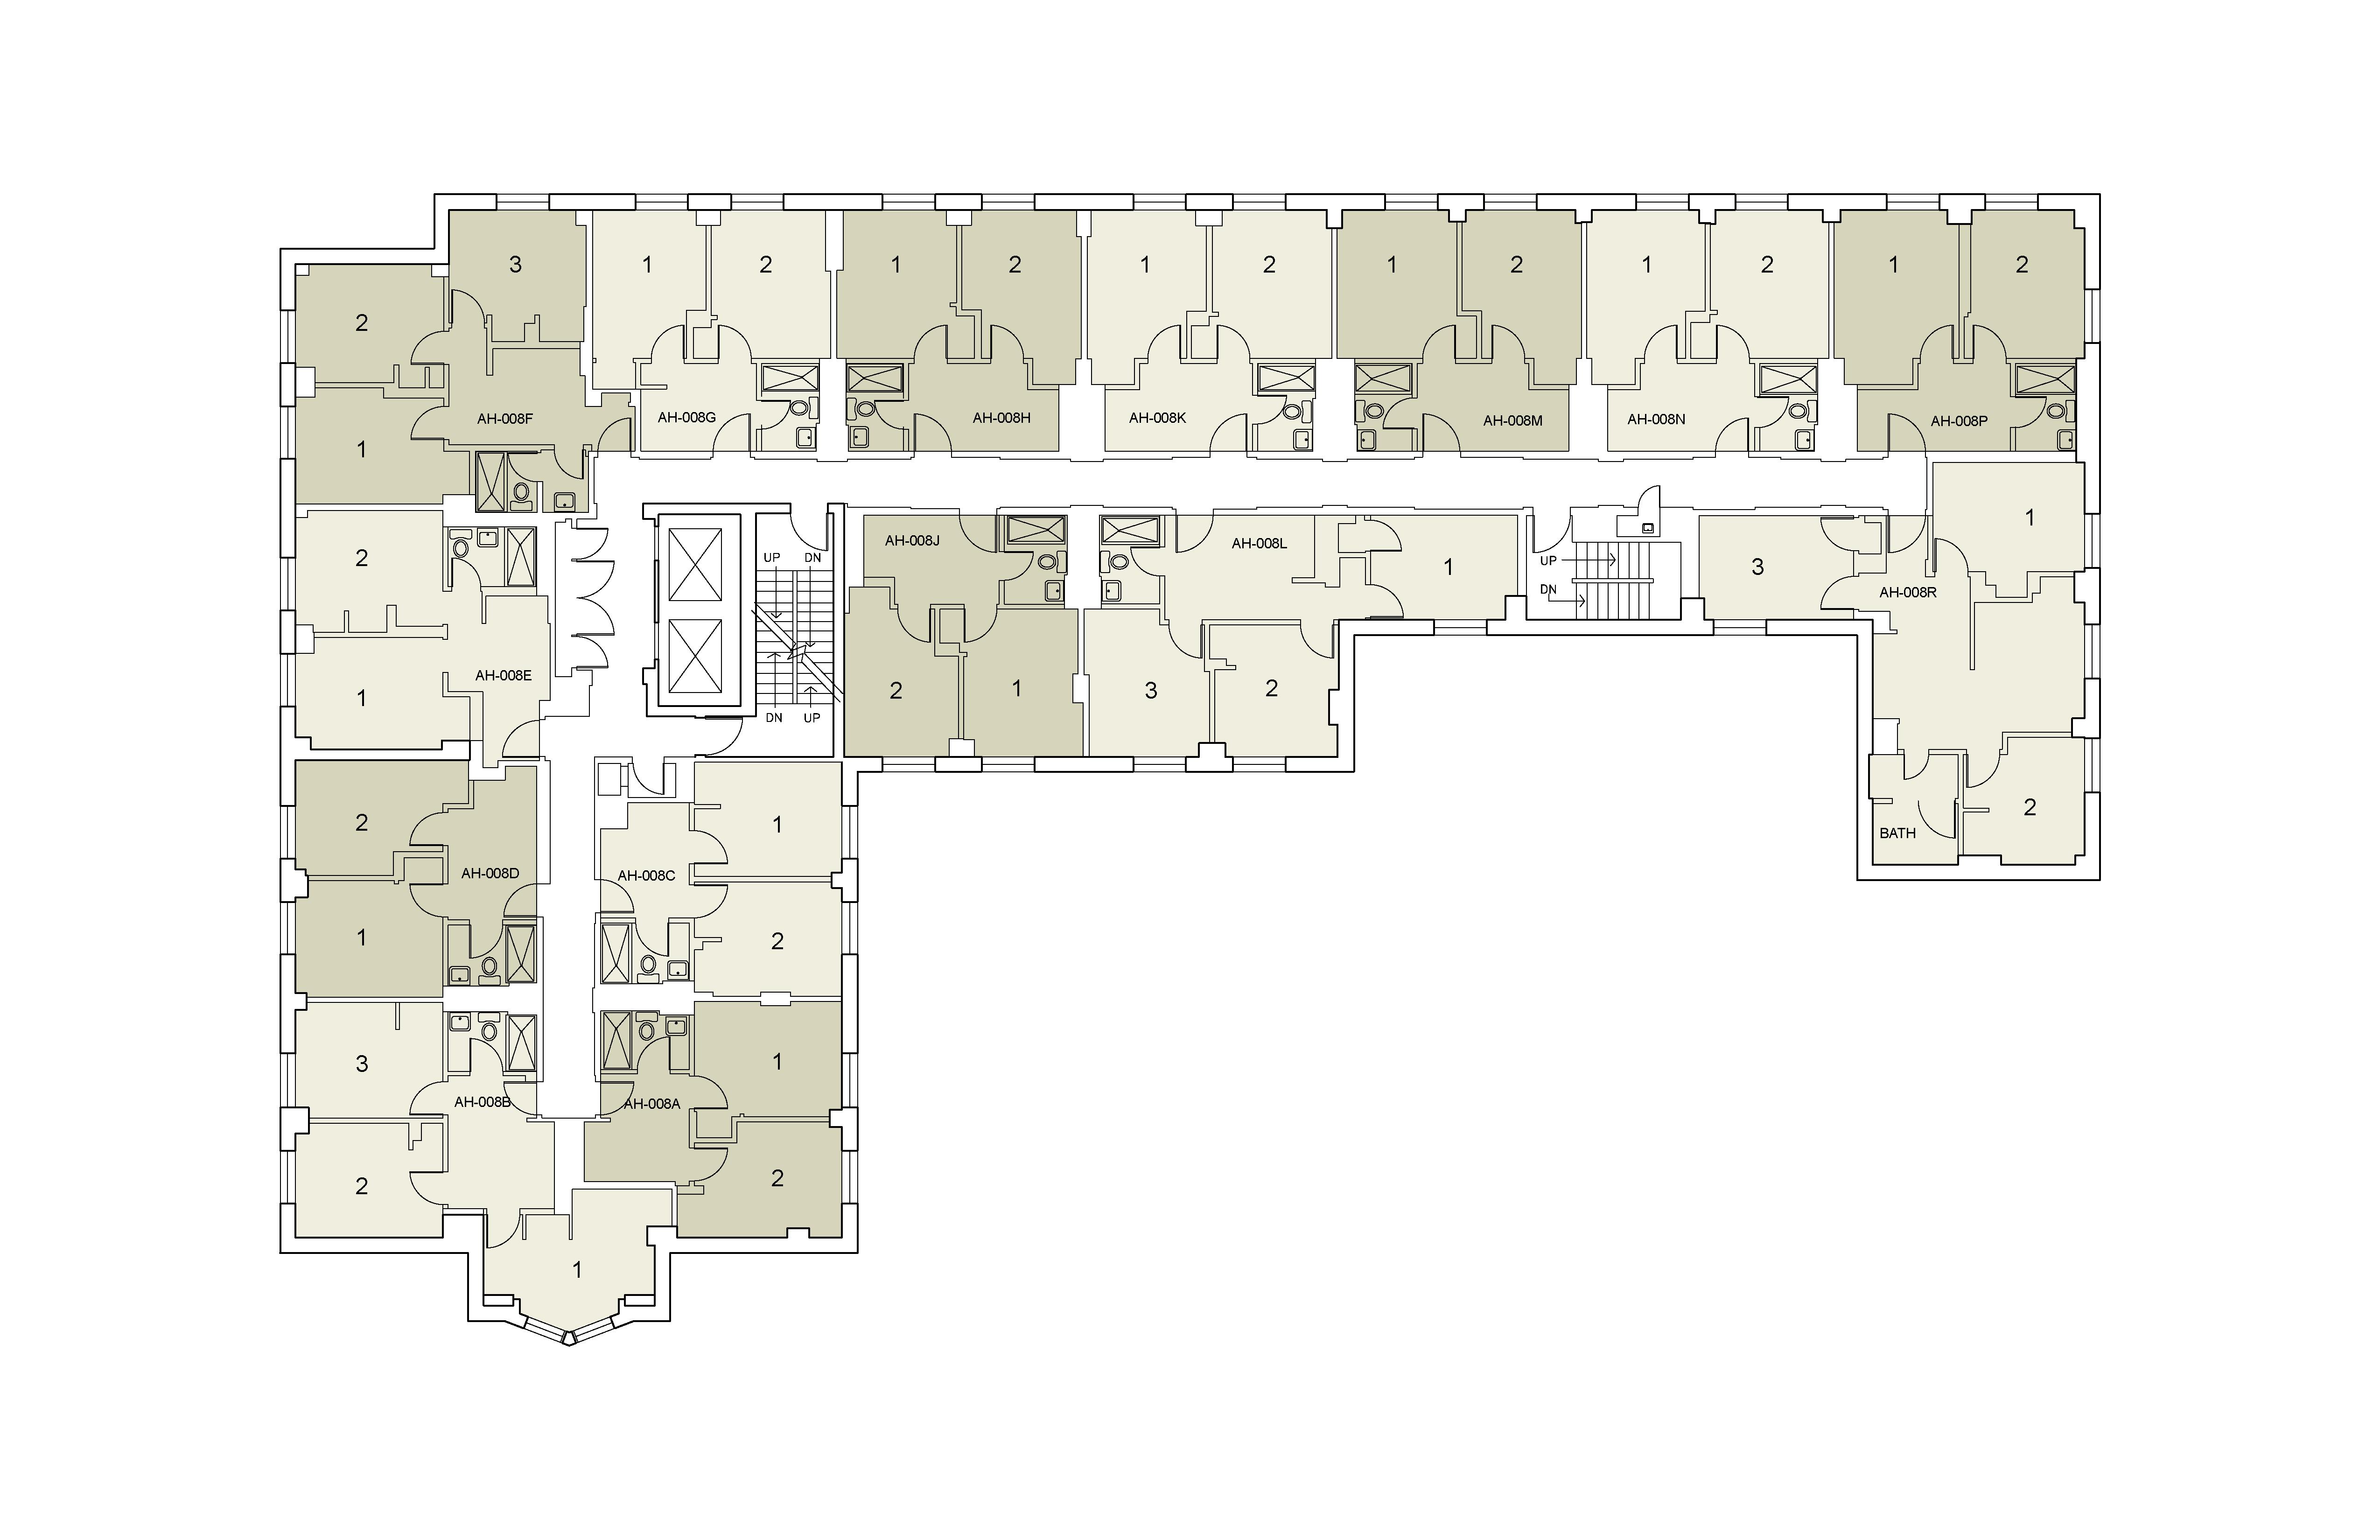 Floor plan for Alumni Floor 08